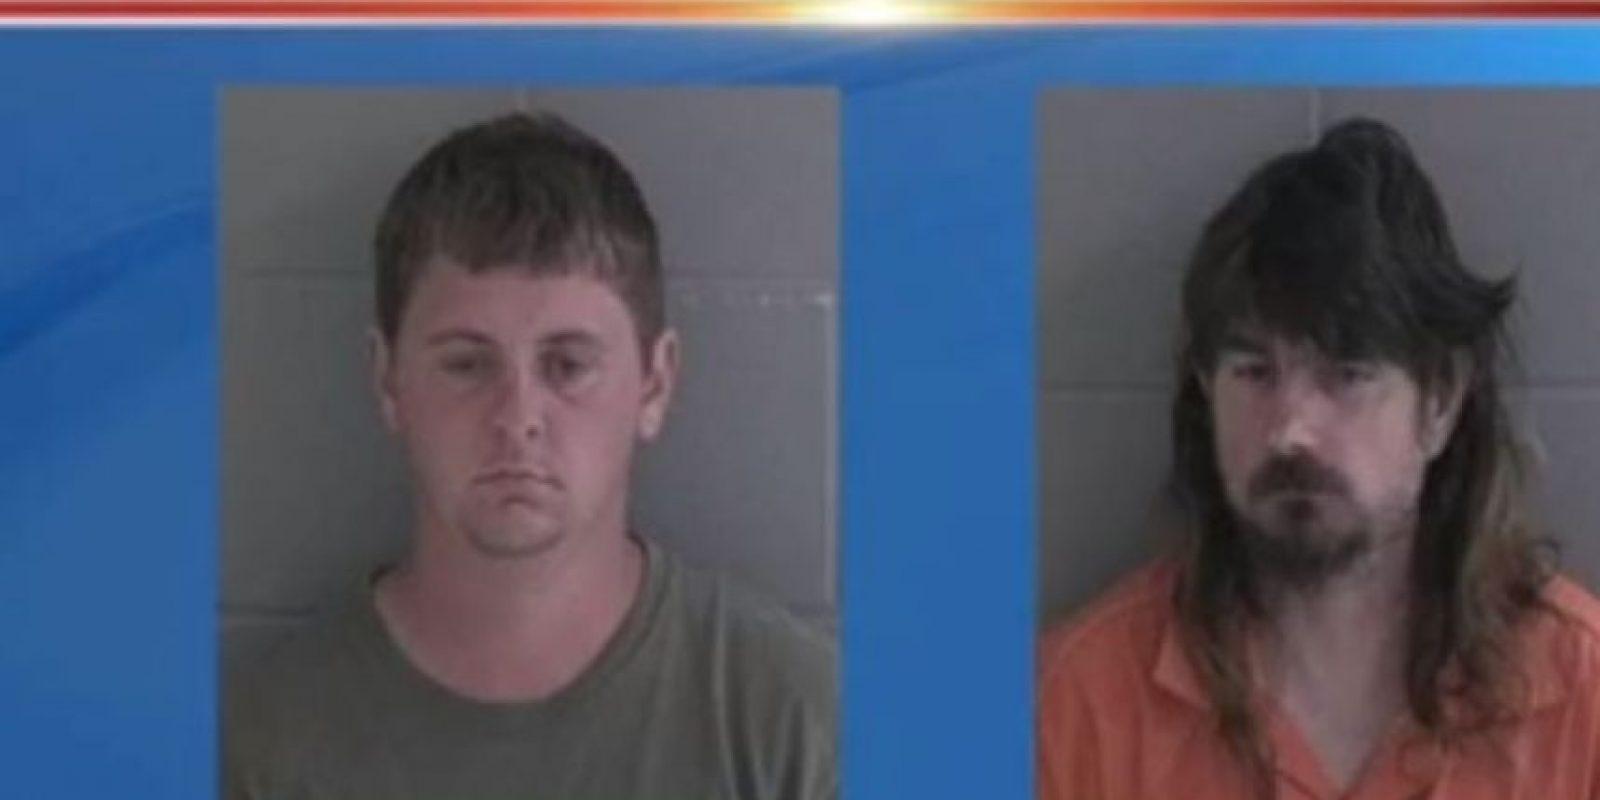 Michael Ray Taylor, de 23 años, y James Harold Johnson, de 47 años, fueron arrestados en Georgia, Estados Unidos, por abuso sexual de menores. Utilizaban Snpachat para contactar a sus víctimas. Foto:vía WJCL News